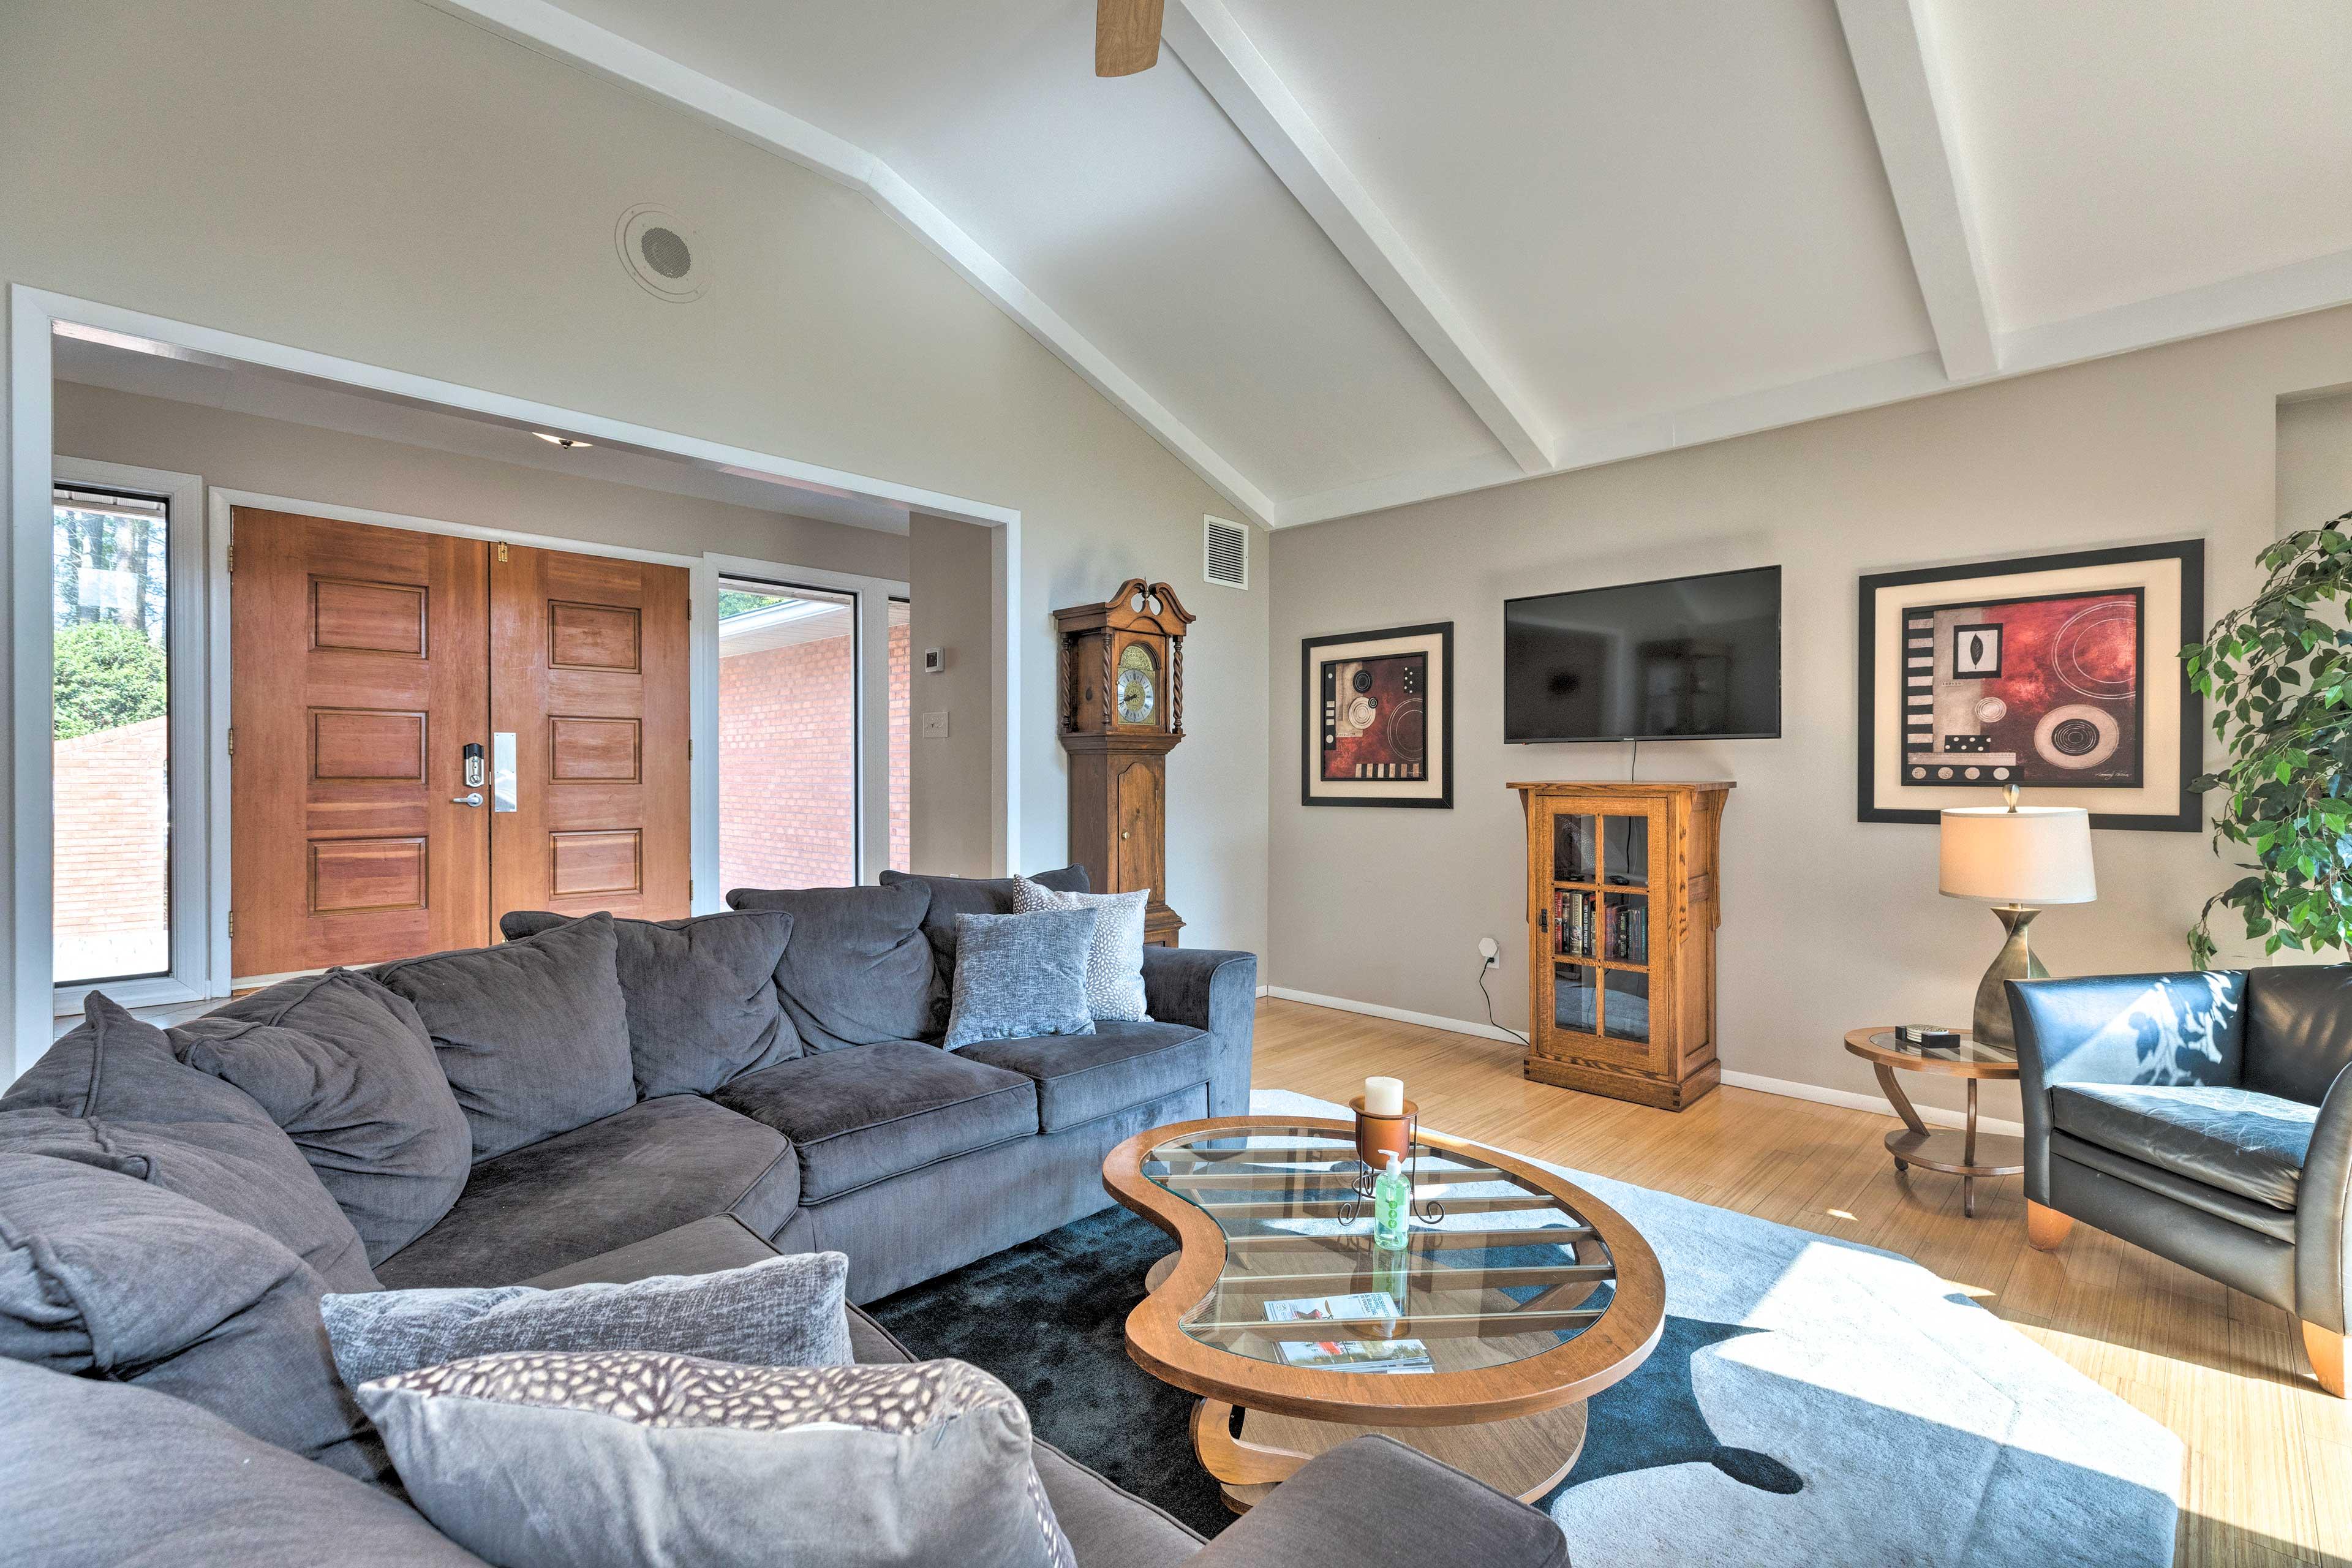 Living Room   Exposed Wood Beams   Smart TV